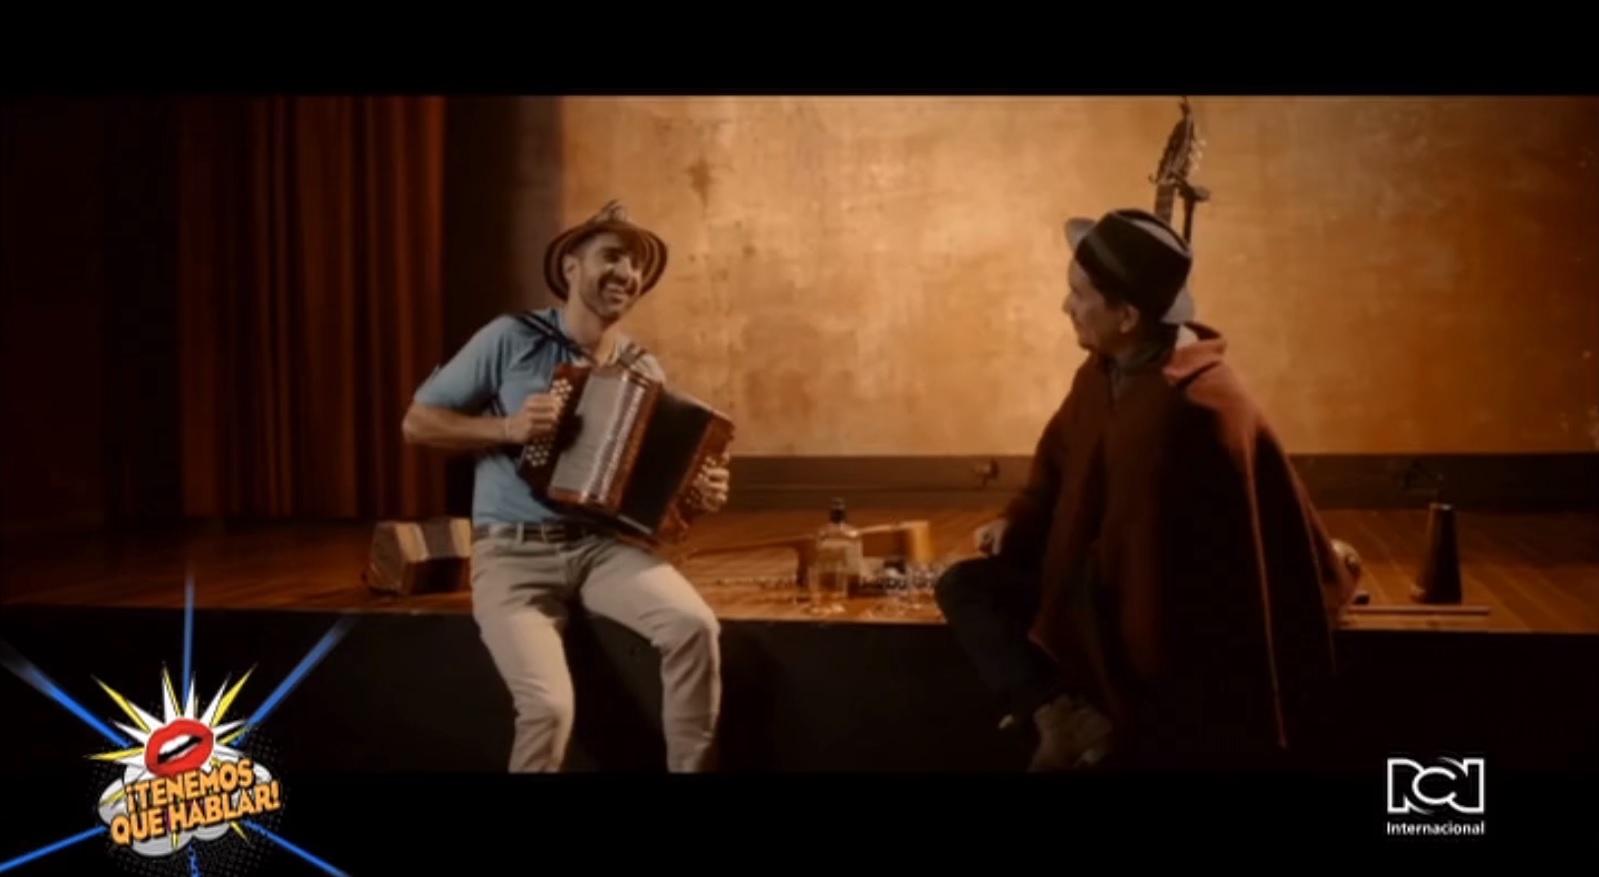 """Gregorio Uribe lanzó el video de la canción """"Media Naranja"""" junto a Jorge Villamizar"""